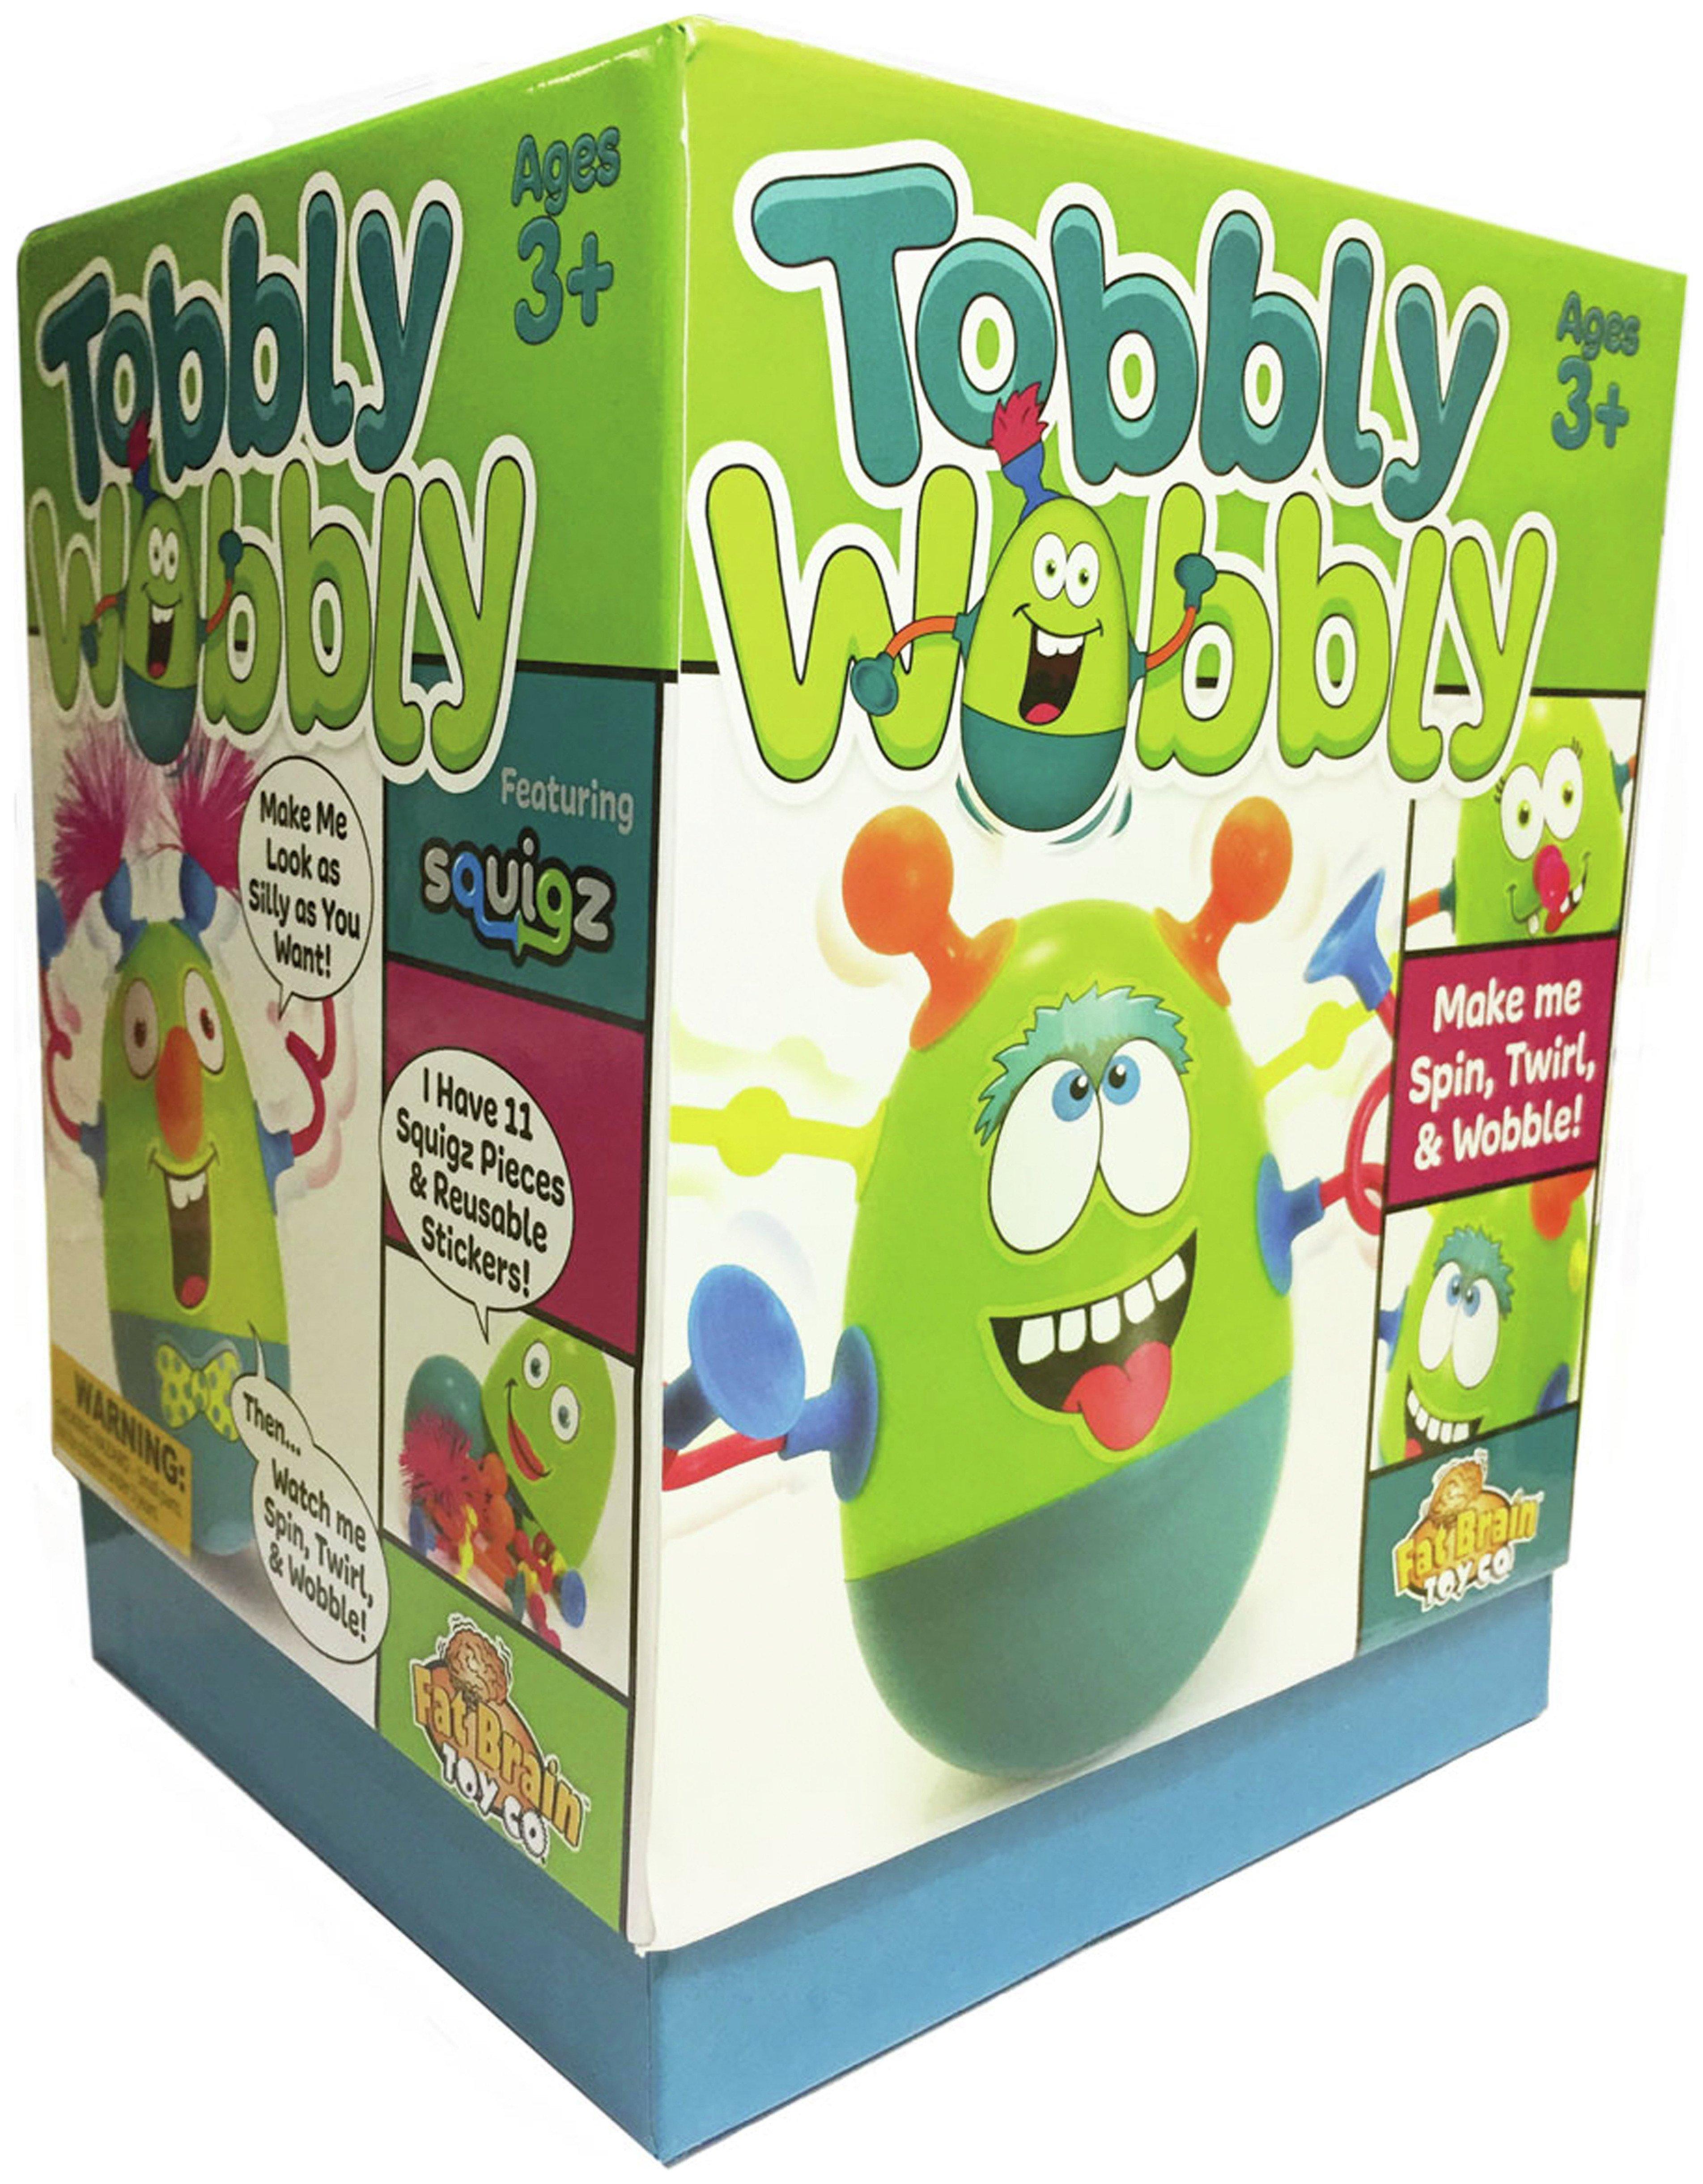 Image of Fat Brain Toys Tobbly Wobbly.